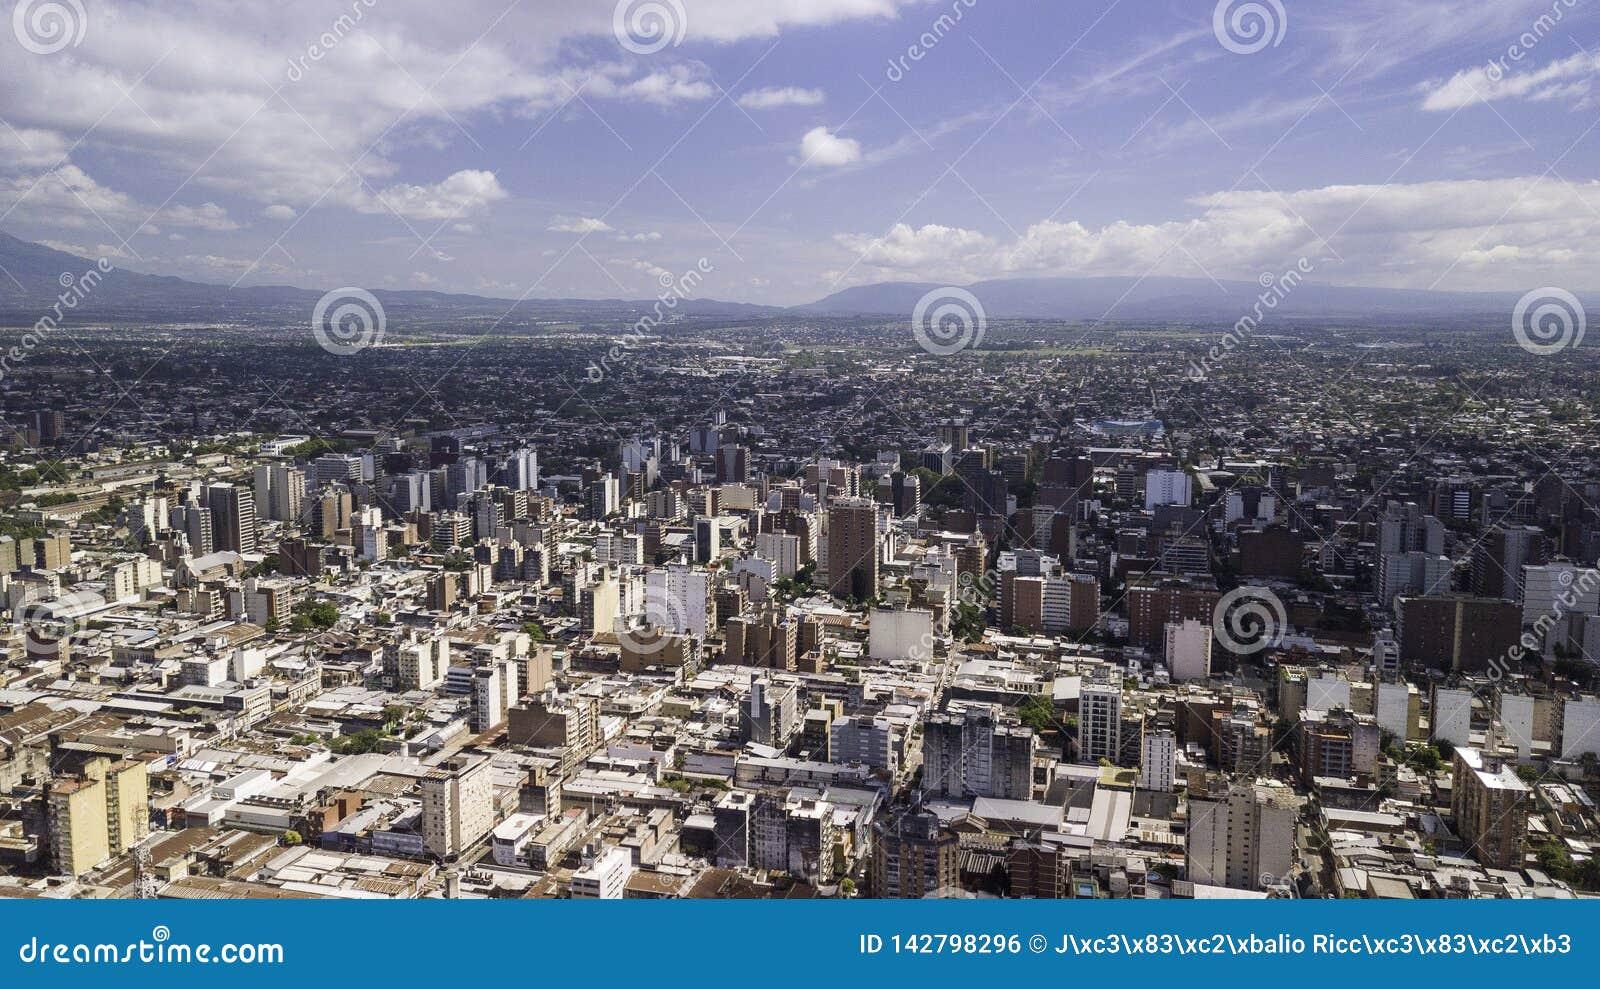 San Miguel de Tucumà ¡ n/Tucumà ¡ n/Argentina - 01 01 19: Vogelperspektive der Stadt von San Miguel de Tucumà ¡ n, Argentinien